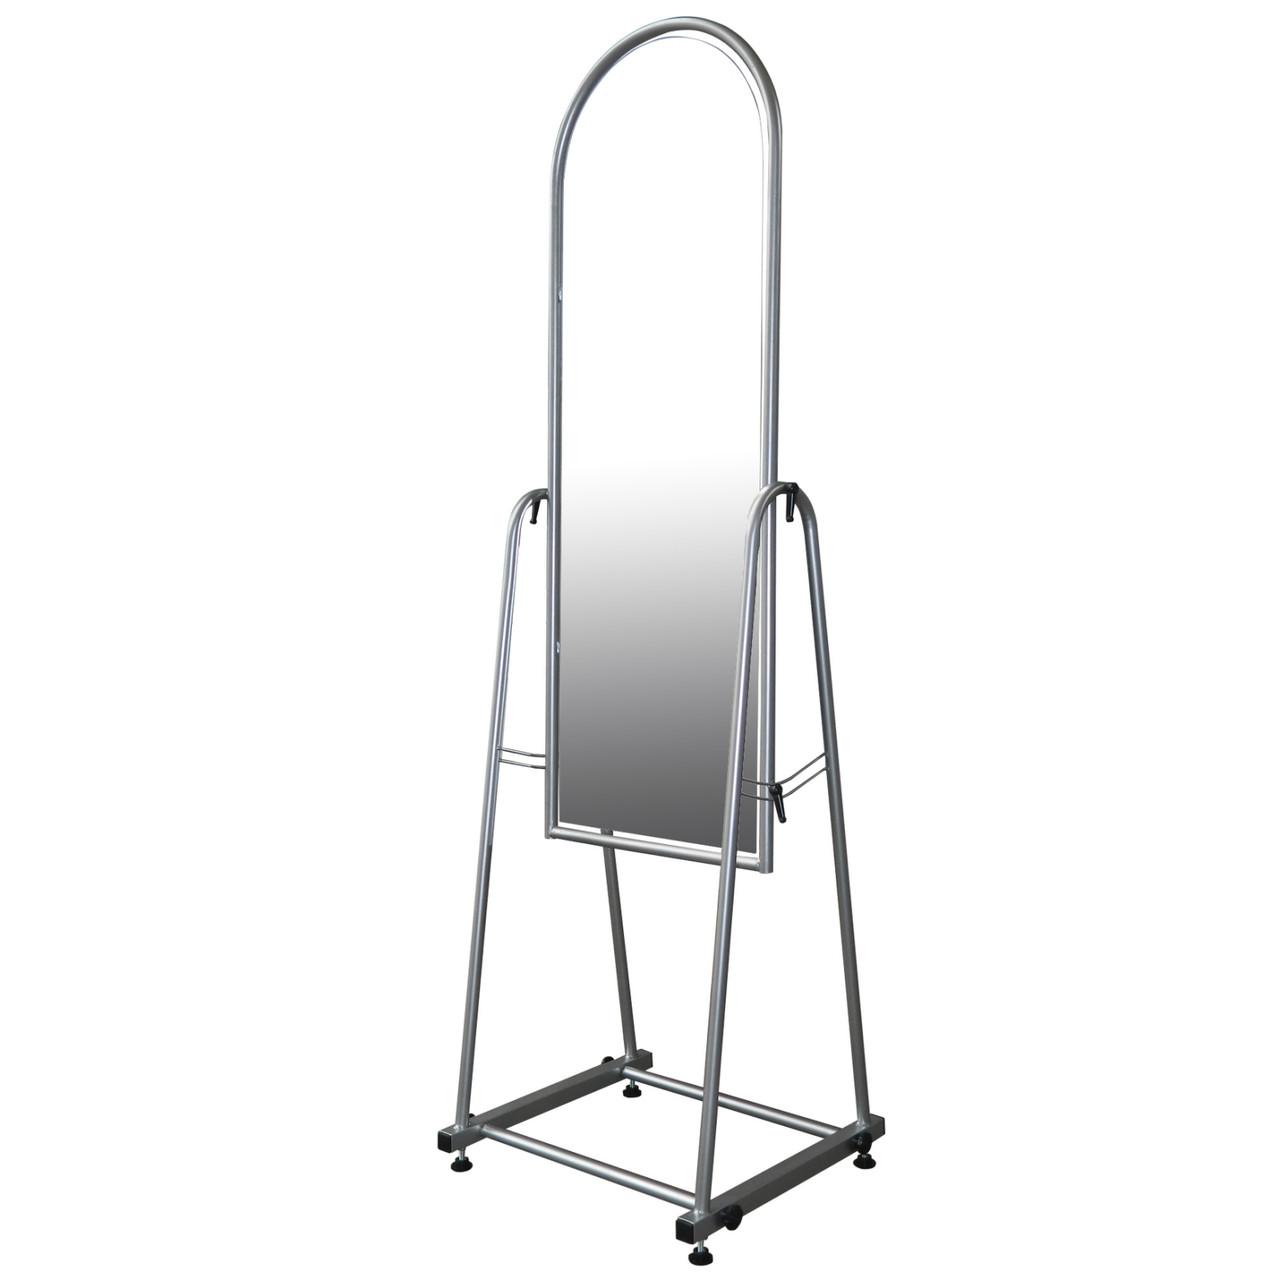 Торговое напольное зеркало для одежды серого цвета